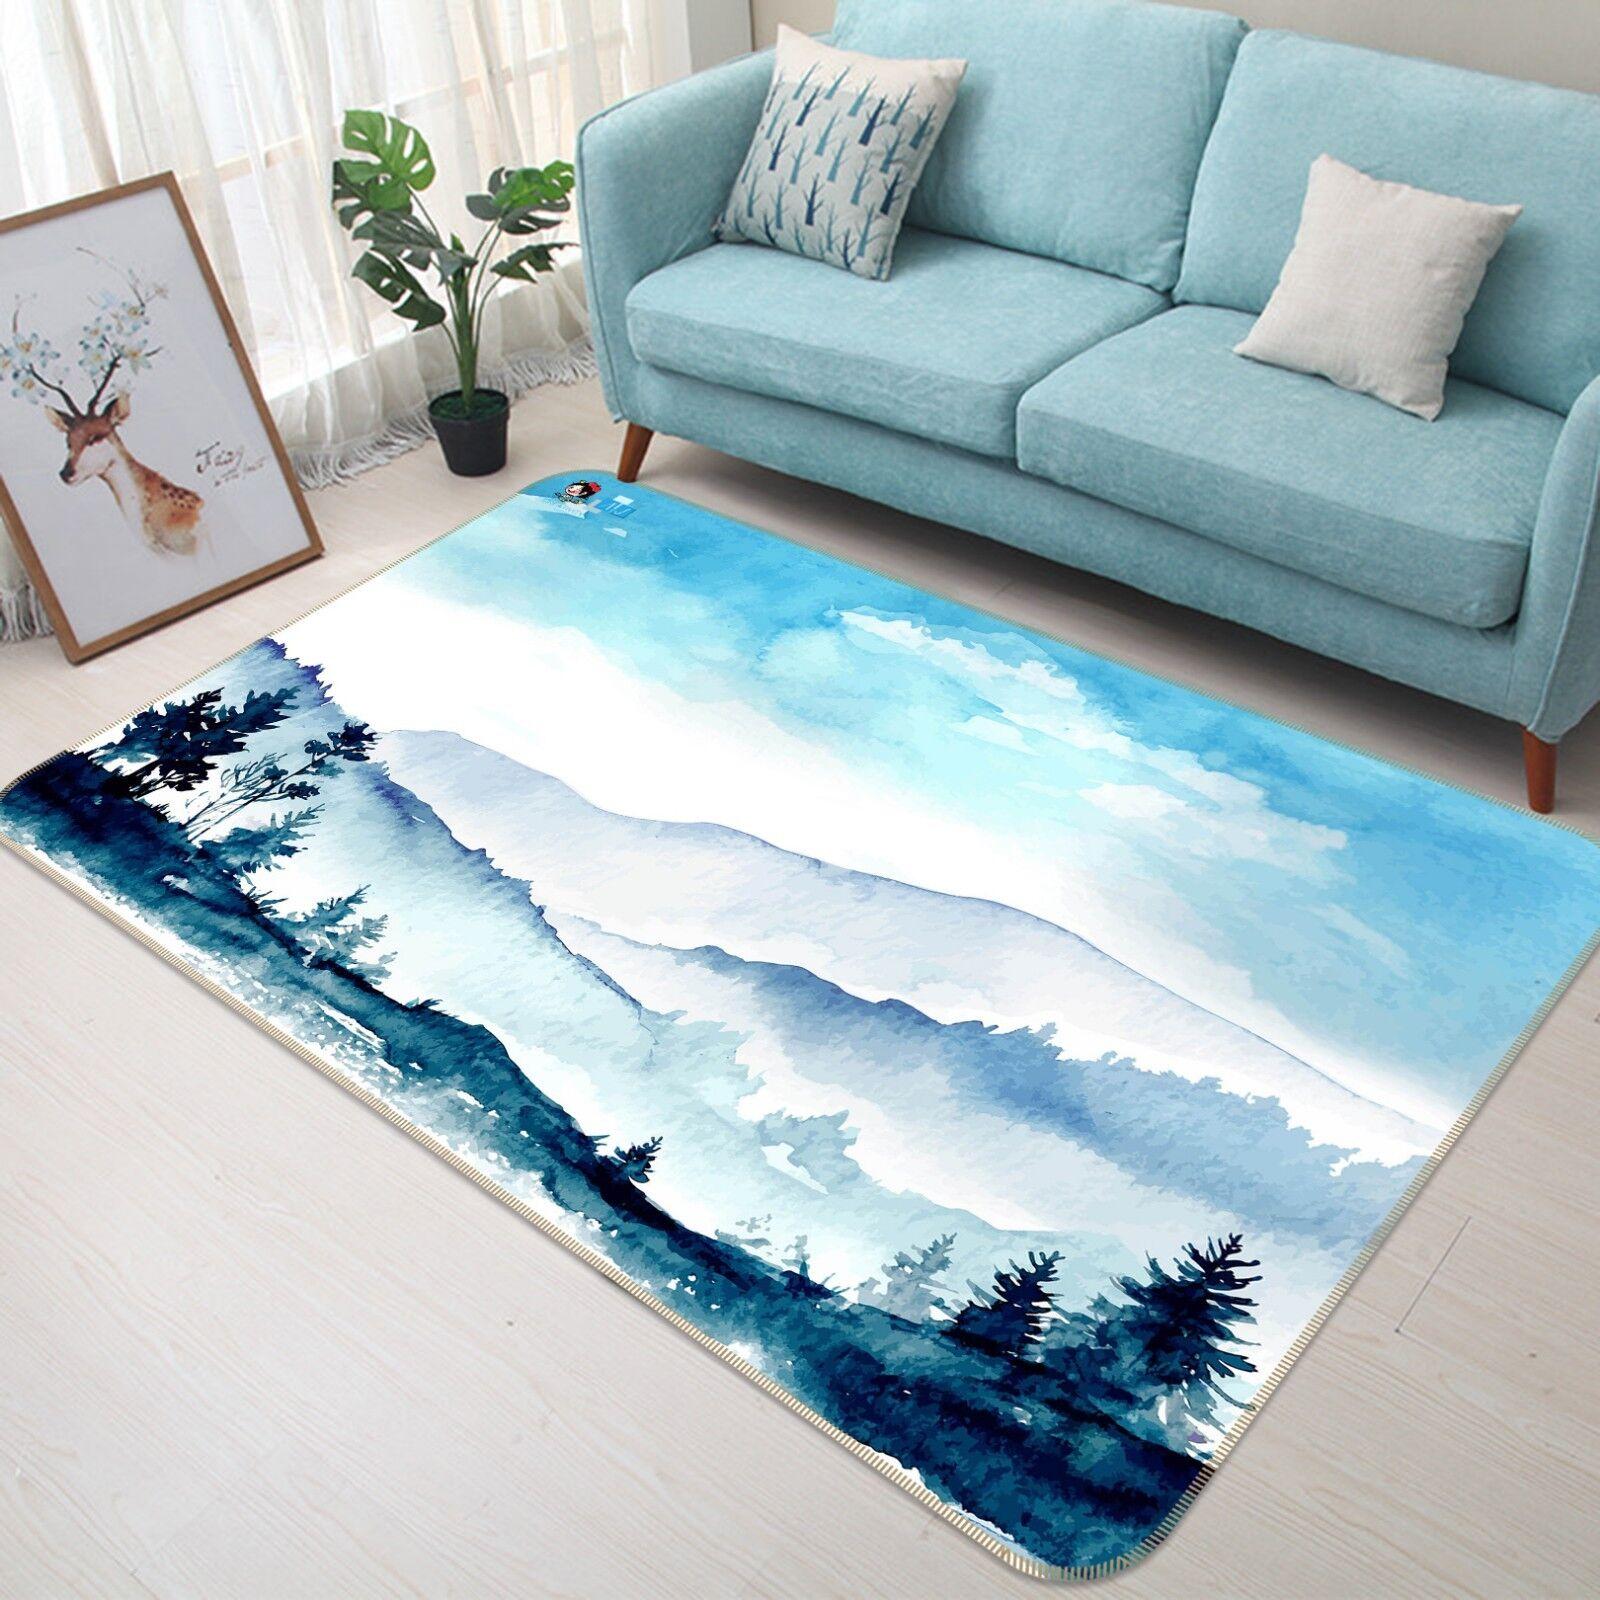 3D Tapis Montagnes Peinture 033 Étage Antidérapant Natte Élégant Tapis 3D FR Tiffany 7835b3